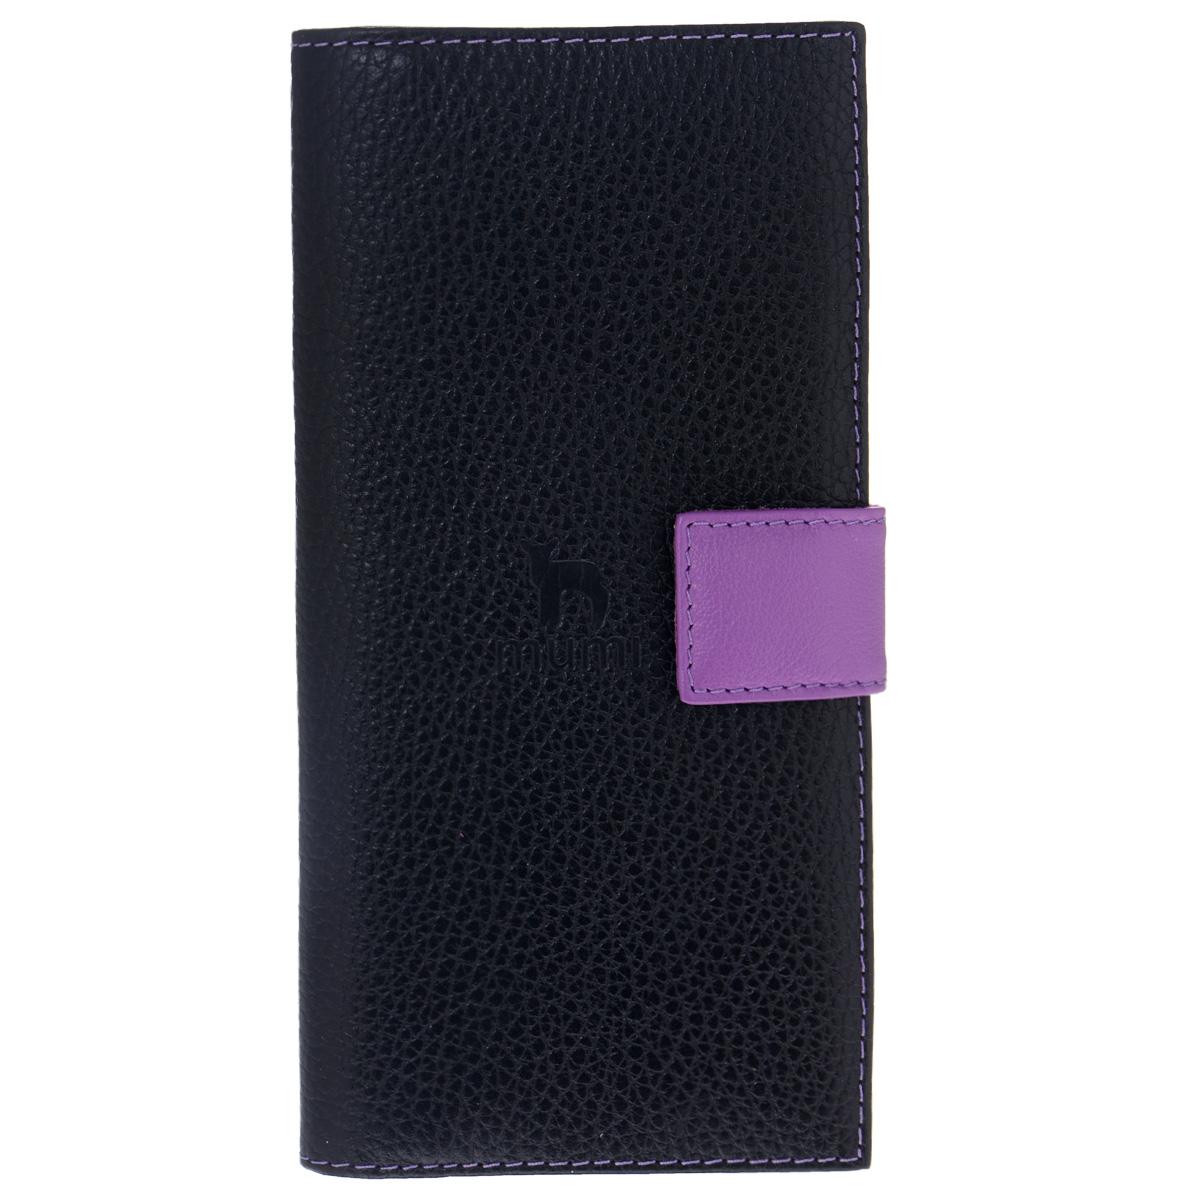 Портмоне Dimanche Mumi, цвет: черный, фиолетовый. 053053Модное портмоне Dimanche Mumi изготовлено из высококачественной натуральной кожи и декорировано фактурным тиснением. Изделие закрывается хлястиком на кнопку. Внутри - два отделения для купюр, отсек для мелочи на застежке-молнии, три горизонтальных кармана для бумаг и чеков, одиннадцать прорезей для визиток и кредитных карт и две прорези для SIM-карт. Портмоне упаковано в стильный пластиковый чехол. Изысканное портмоне займет достойное место среди вашей коллекции аксессуаров.